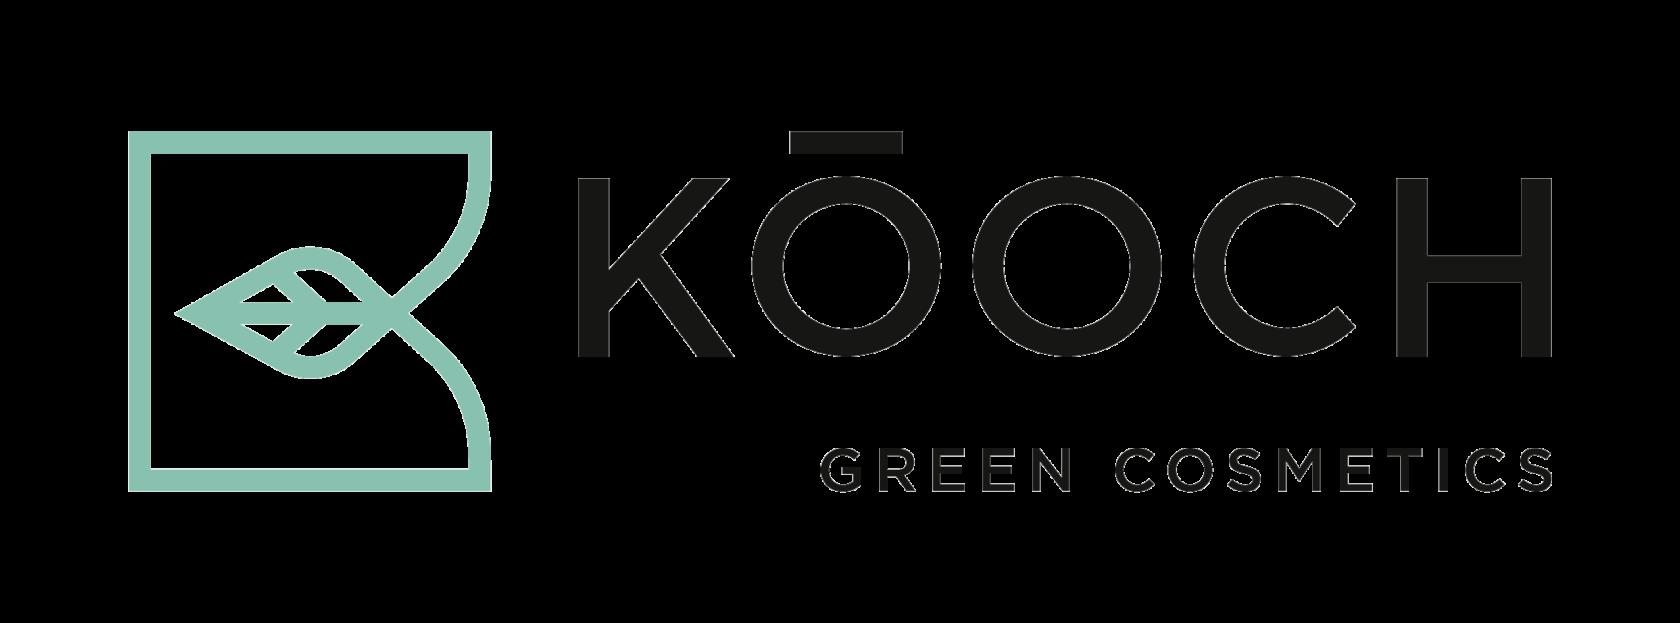 logo-de-koocj-greec-cosmetics